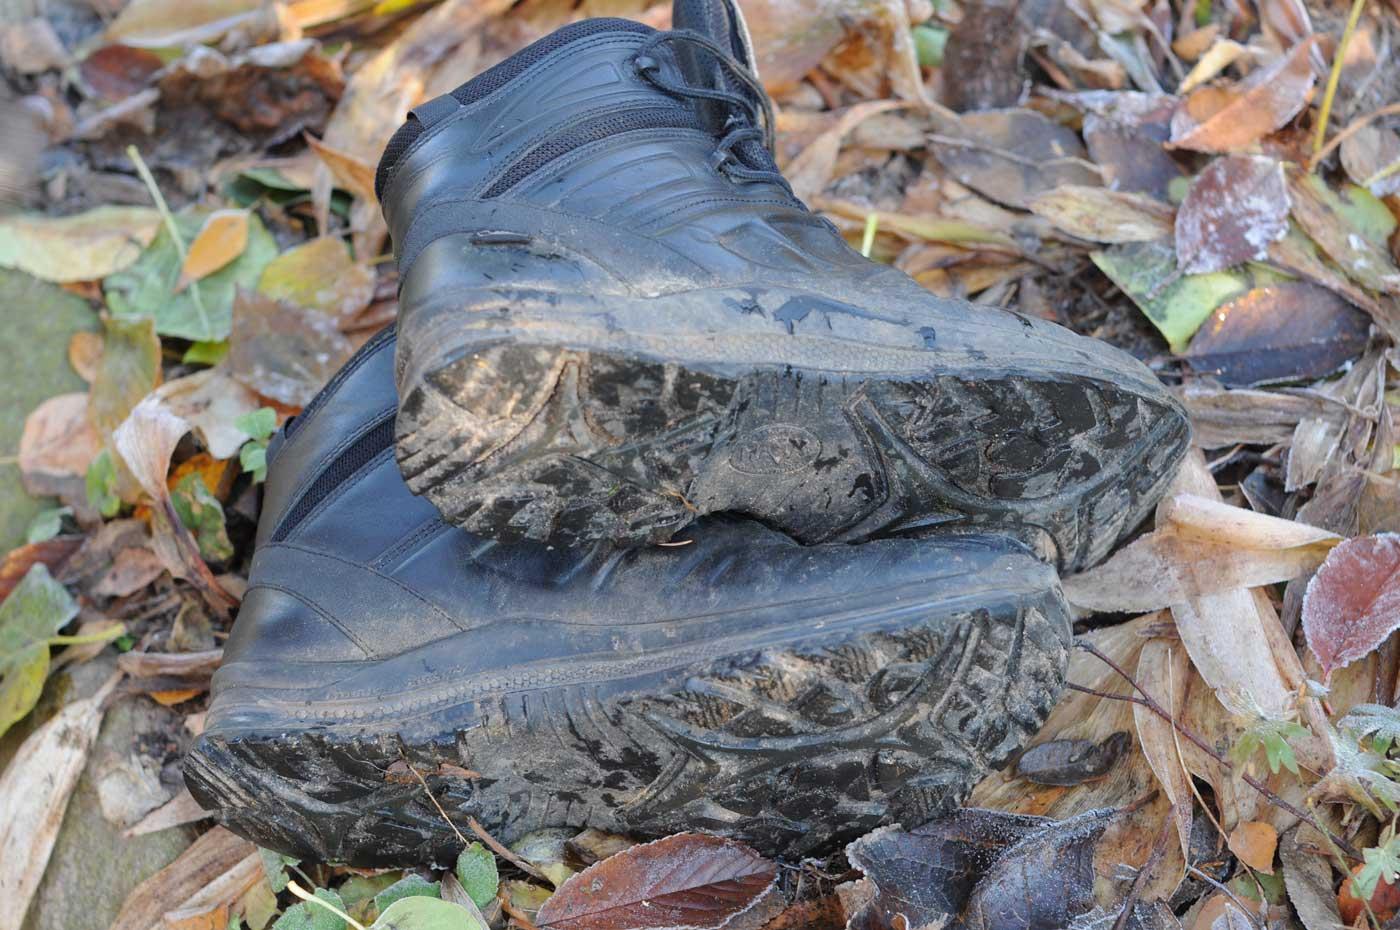 Aus einer Social Media Aktion von HAIX Deutschland flatterten mir ein Paar HAIX Black Eagle Tactical 20 Mid ins Haus. Sinn der Wahl, die auf diese Stiefel fiel, war eine Alternative für meine HAIX Scout Black Stiefel, die wärmere Jahreszeit war für die neuen Black Eagle Stiefel eine gute Testzeit, aber auch jetzt während der ersten Frosttage kann man die Black Eagle Tactical 20 Mid noch tragen. Kurz beschrieben kann man zum HAIX Black Eagle Tactical 20 Mid folgendes schreiben. Der halbhohe Stiefel aus Rindleder ist mit seiner Gore Tex Ausstattung wasserdicht und atmungsaktiv. Die Höhe ist für mich ideal bemessen, geht der Stiefel doch gut bis über den Knöchel, was die mir sehr wichtige Stabilität bei den Hundenrunden durch Feld und Wald gibt. Das Leder ist, wie schon beim Scout Black, sonnenlichtreflektierend pigmentiert und sollte daher bevorzugt mit der Schuhpflege von HAIX behandelt werden. Mit dieser Grundausstattung ist der HAIX Black Eagle Tactical 20 Mid sowohl kälte- als auch hitzeisolierend.